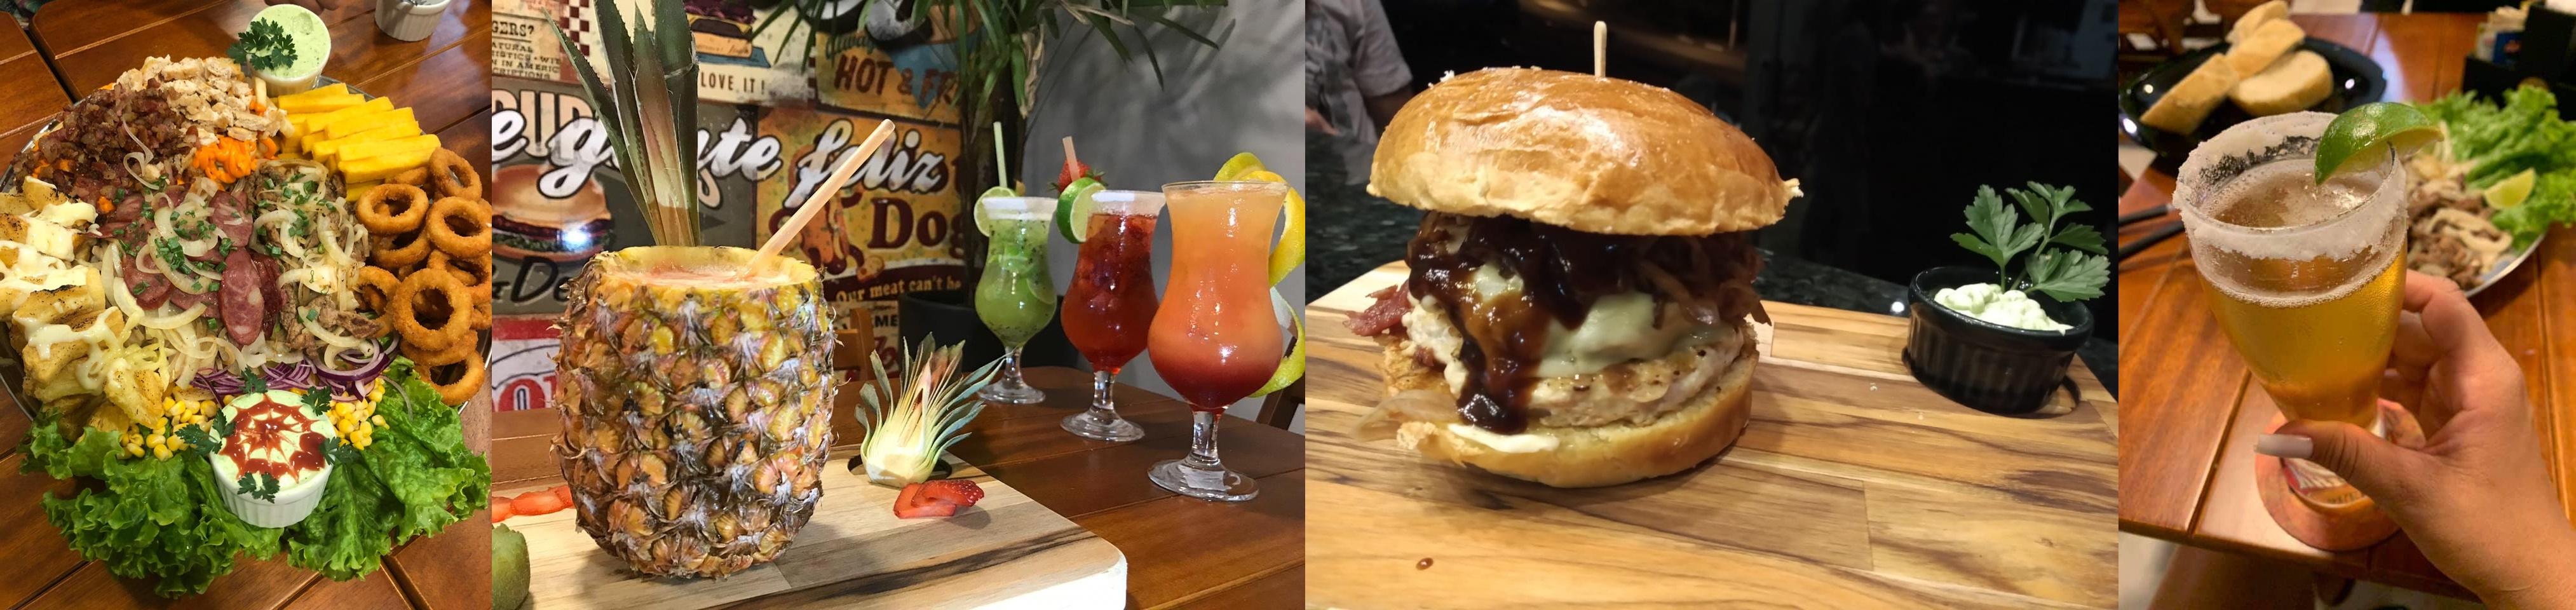 Snack House tem drinks com ou sem álcool para refrescar o calor do sábado